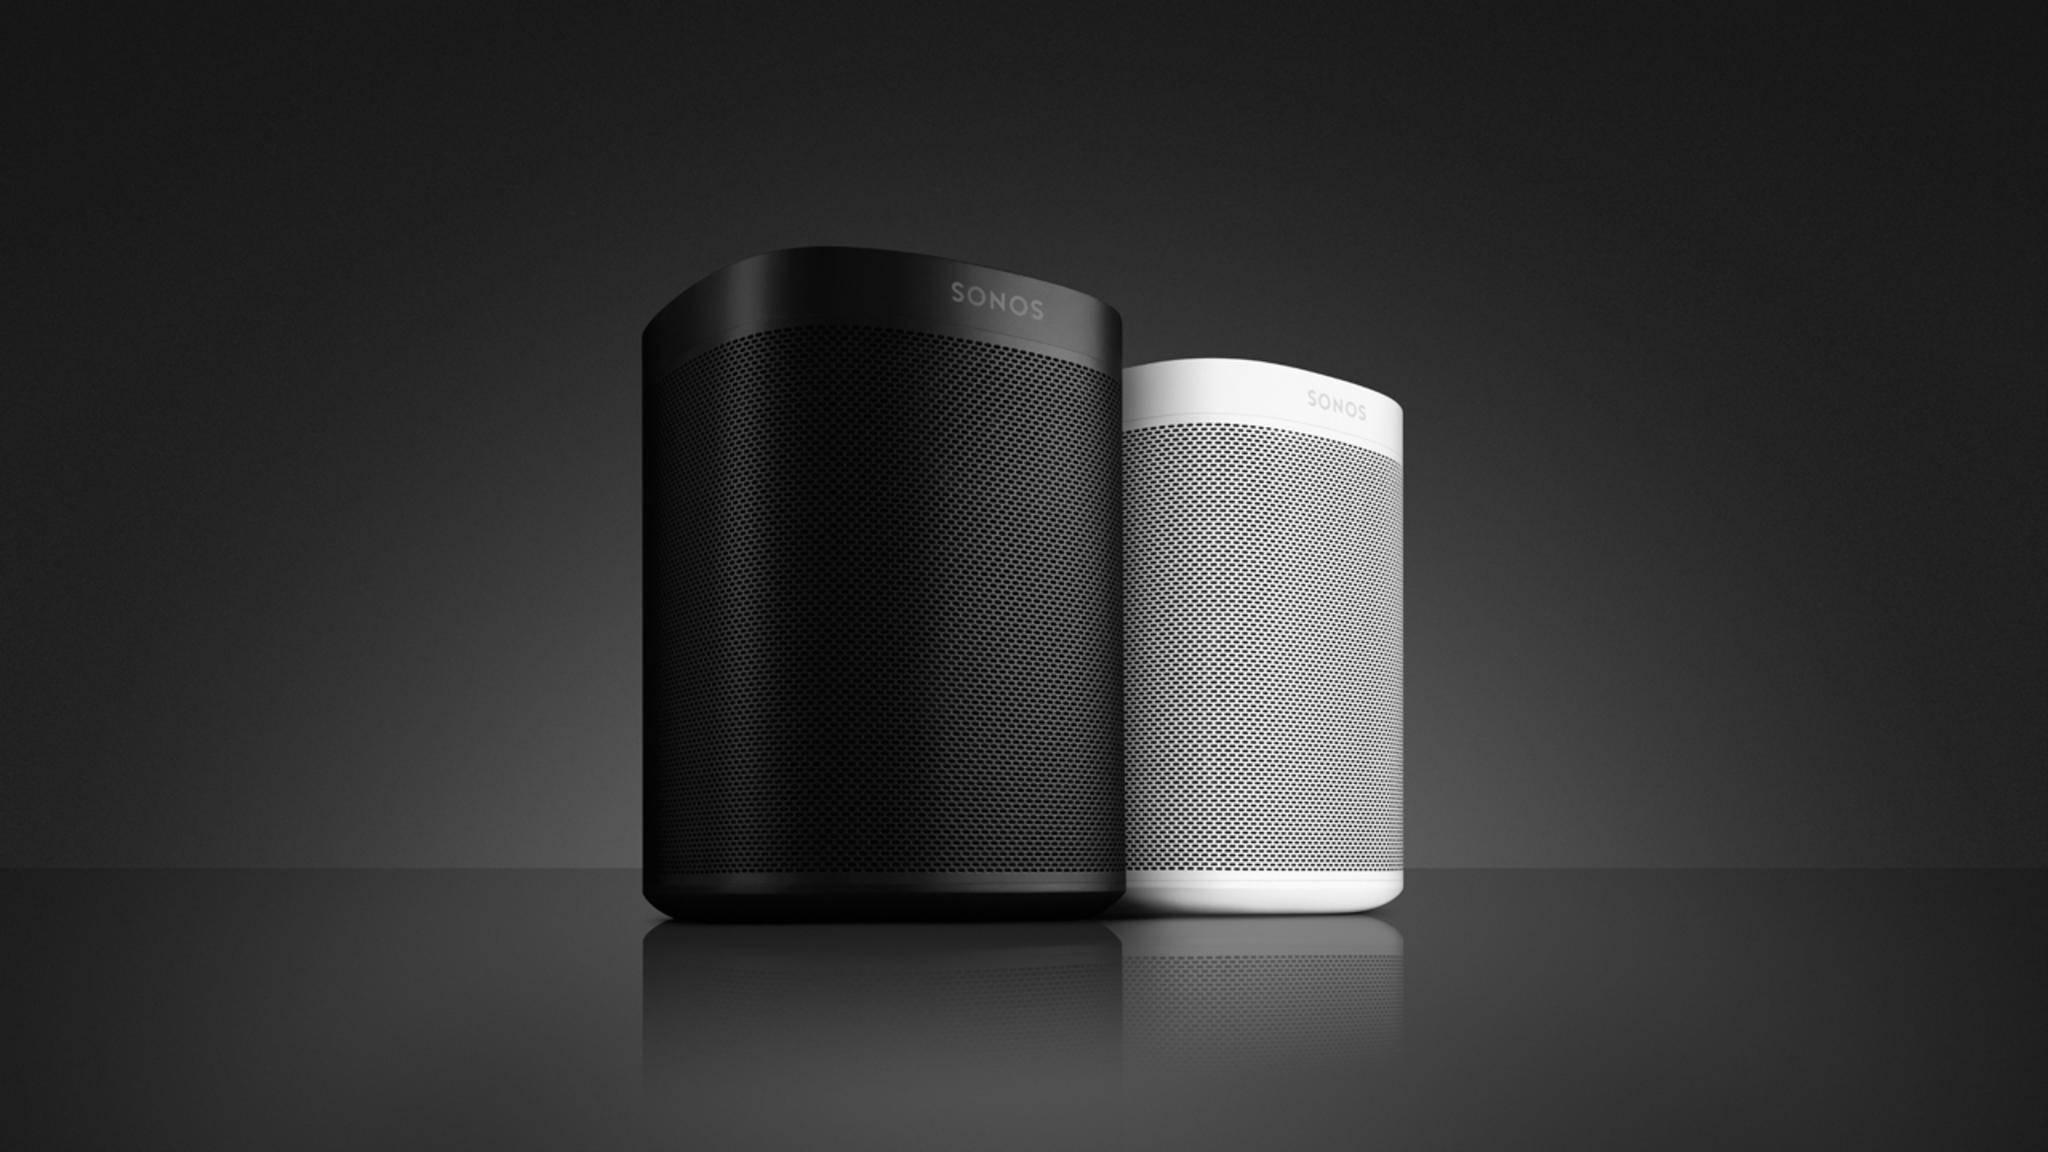 Smarte Lautsprecher von Sonos und Bose waren das Ziel von Hackern.